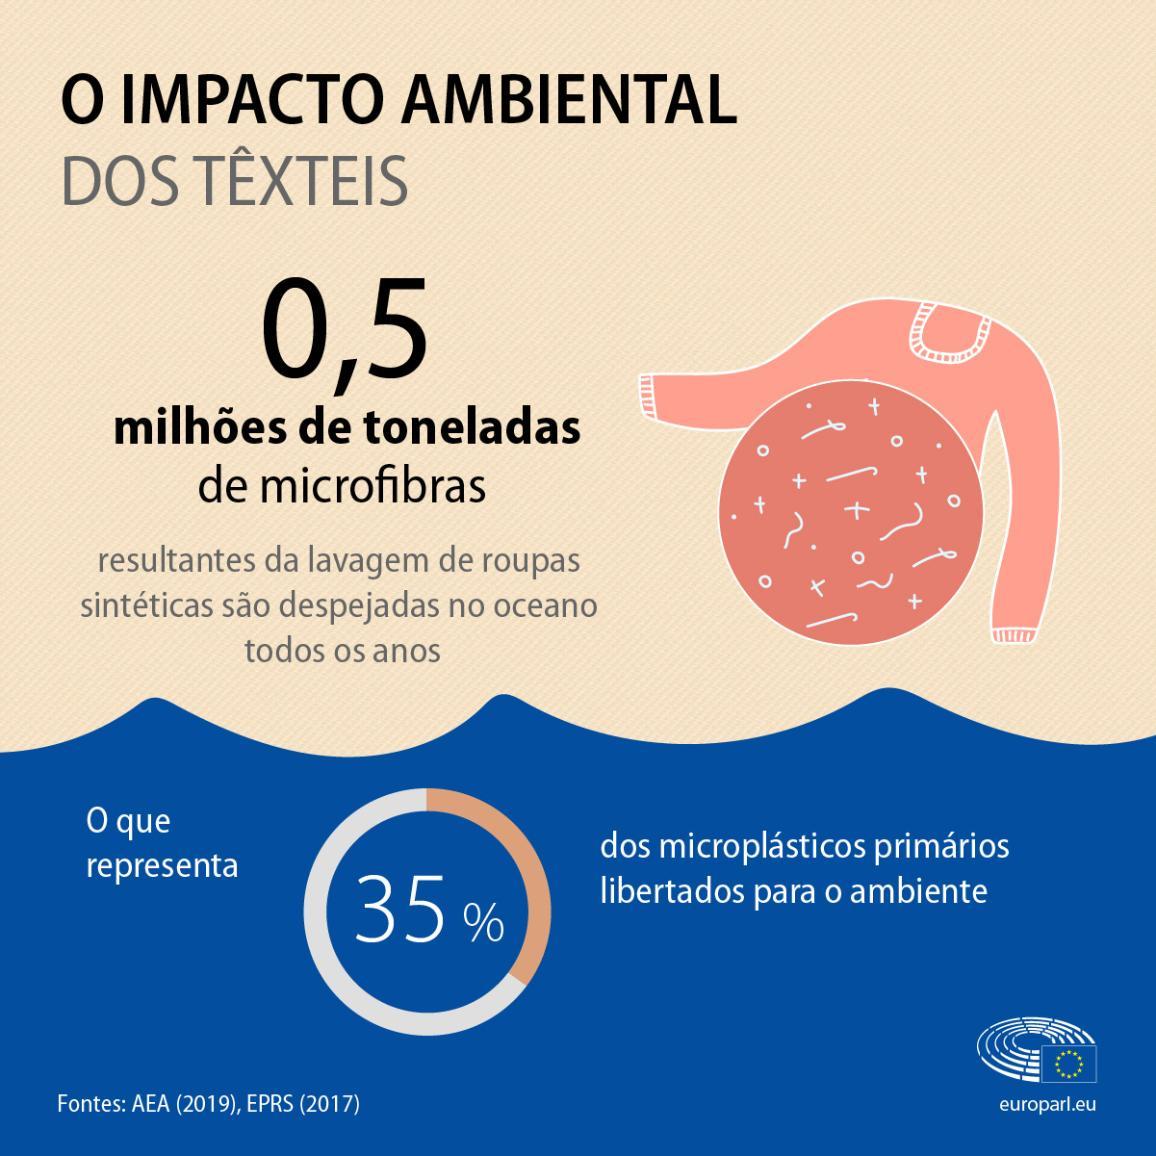 Uma infografia  com factos e números sobre o impacto ambiental dos têxteis